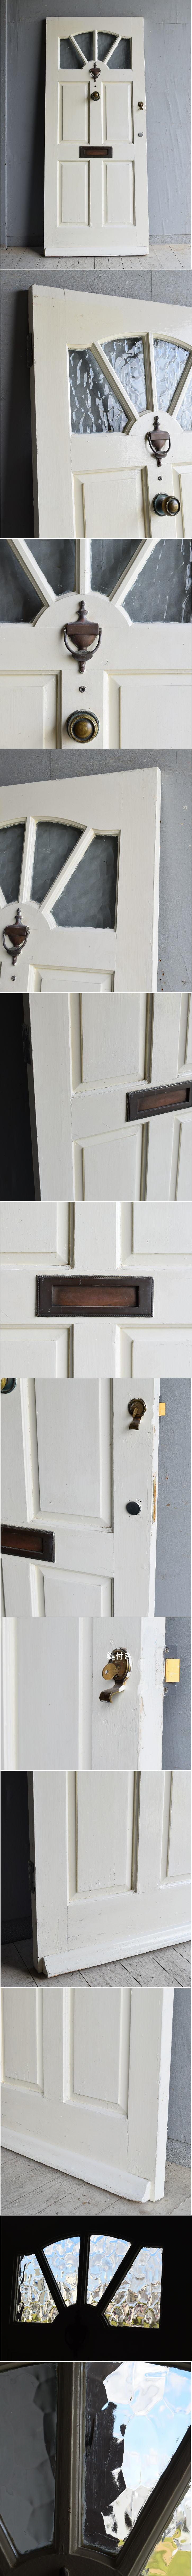 イギリス アンティーク ドア 扉 建具 8349